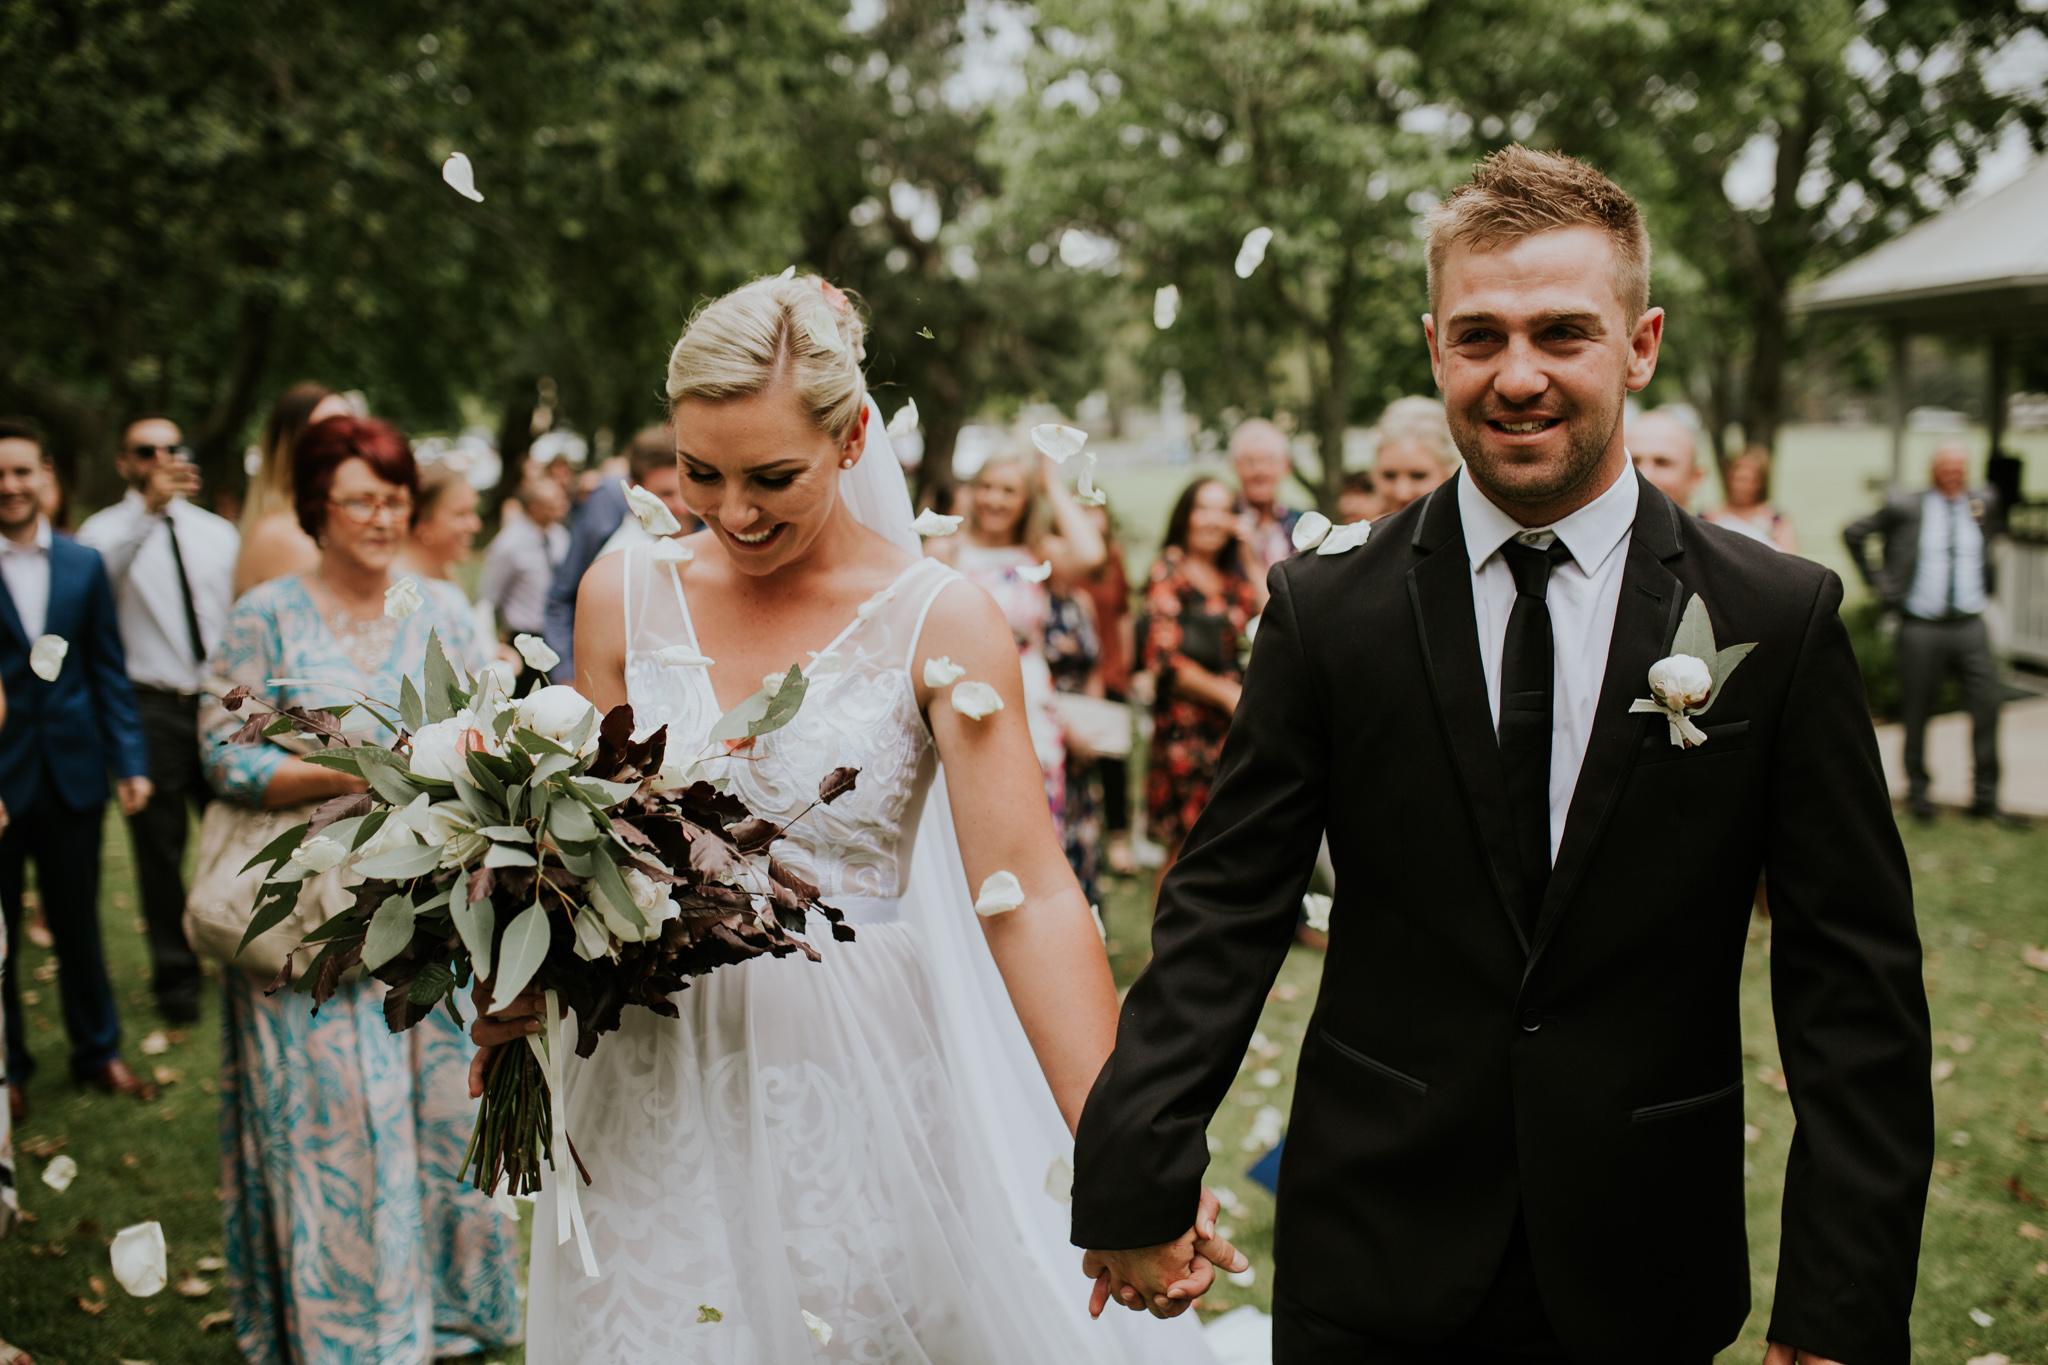 Lucy+Kyle+Kiama+Sebel+wedding-84.jpg